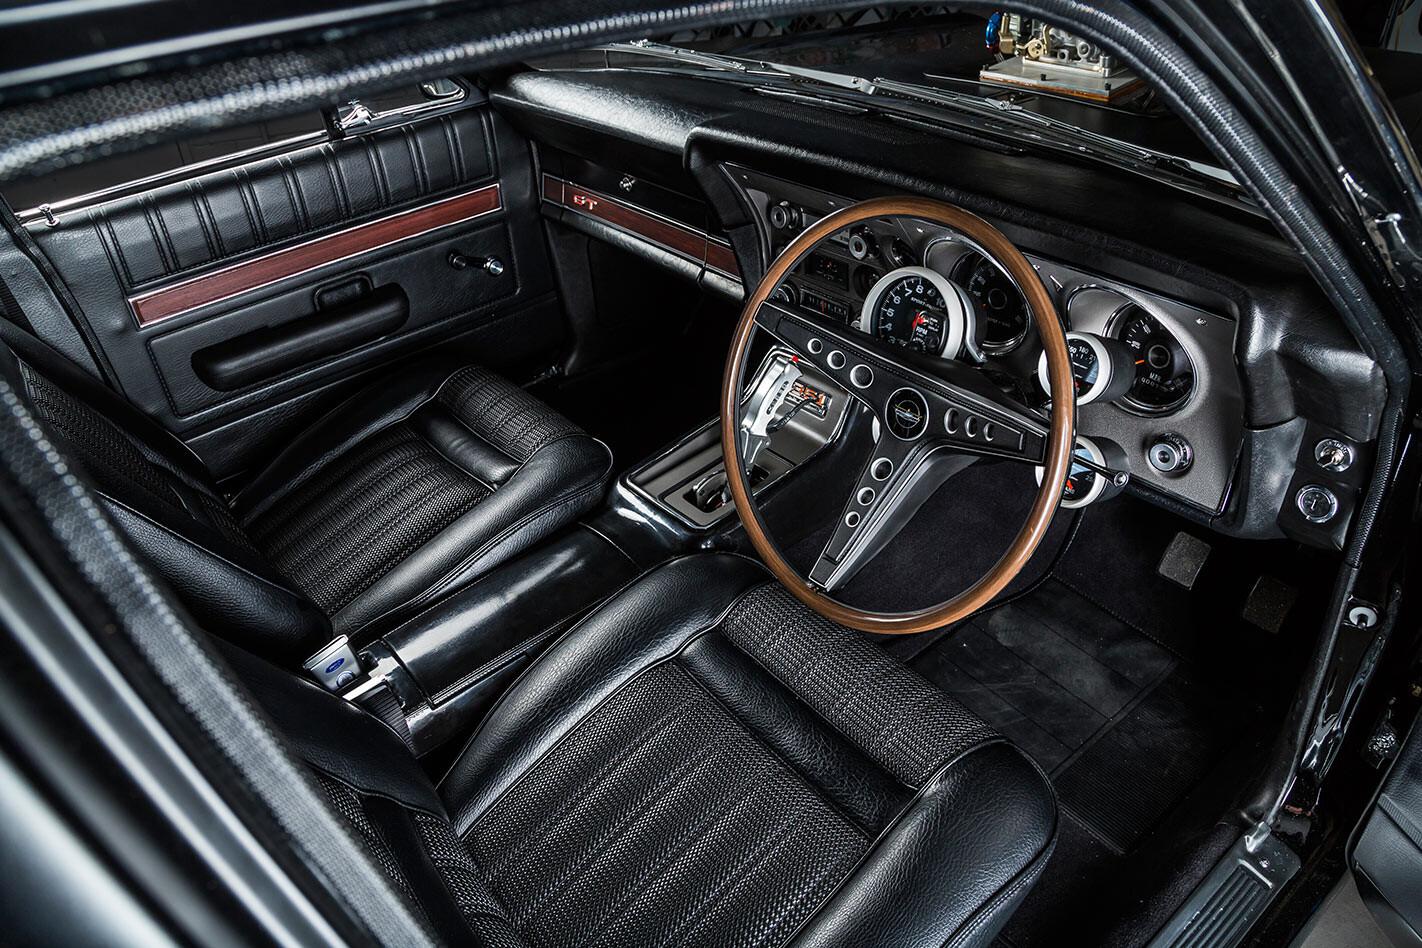 Ford Falcon XY interior front